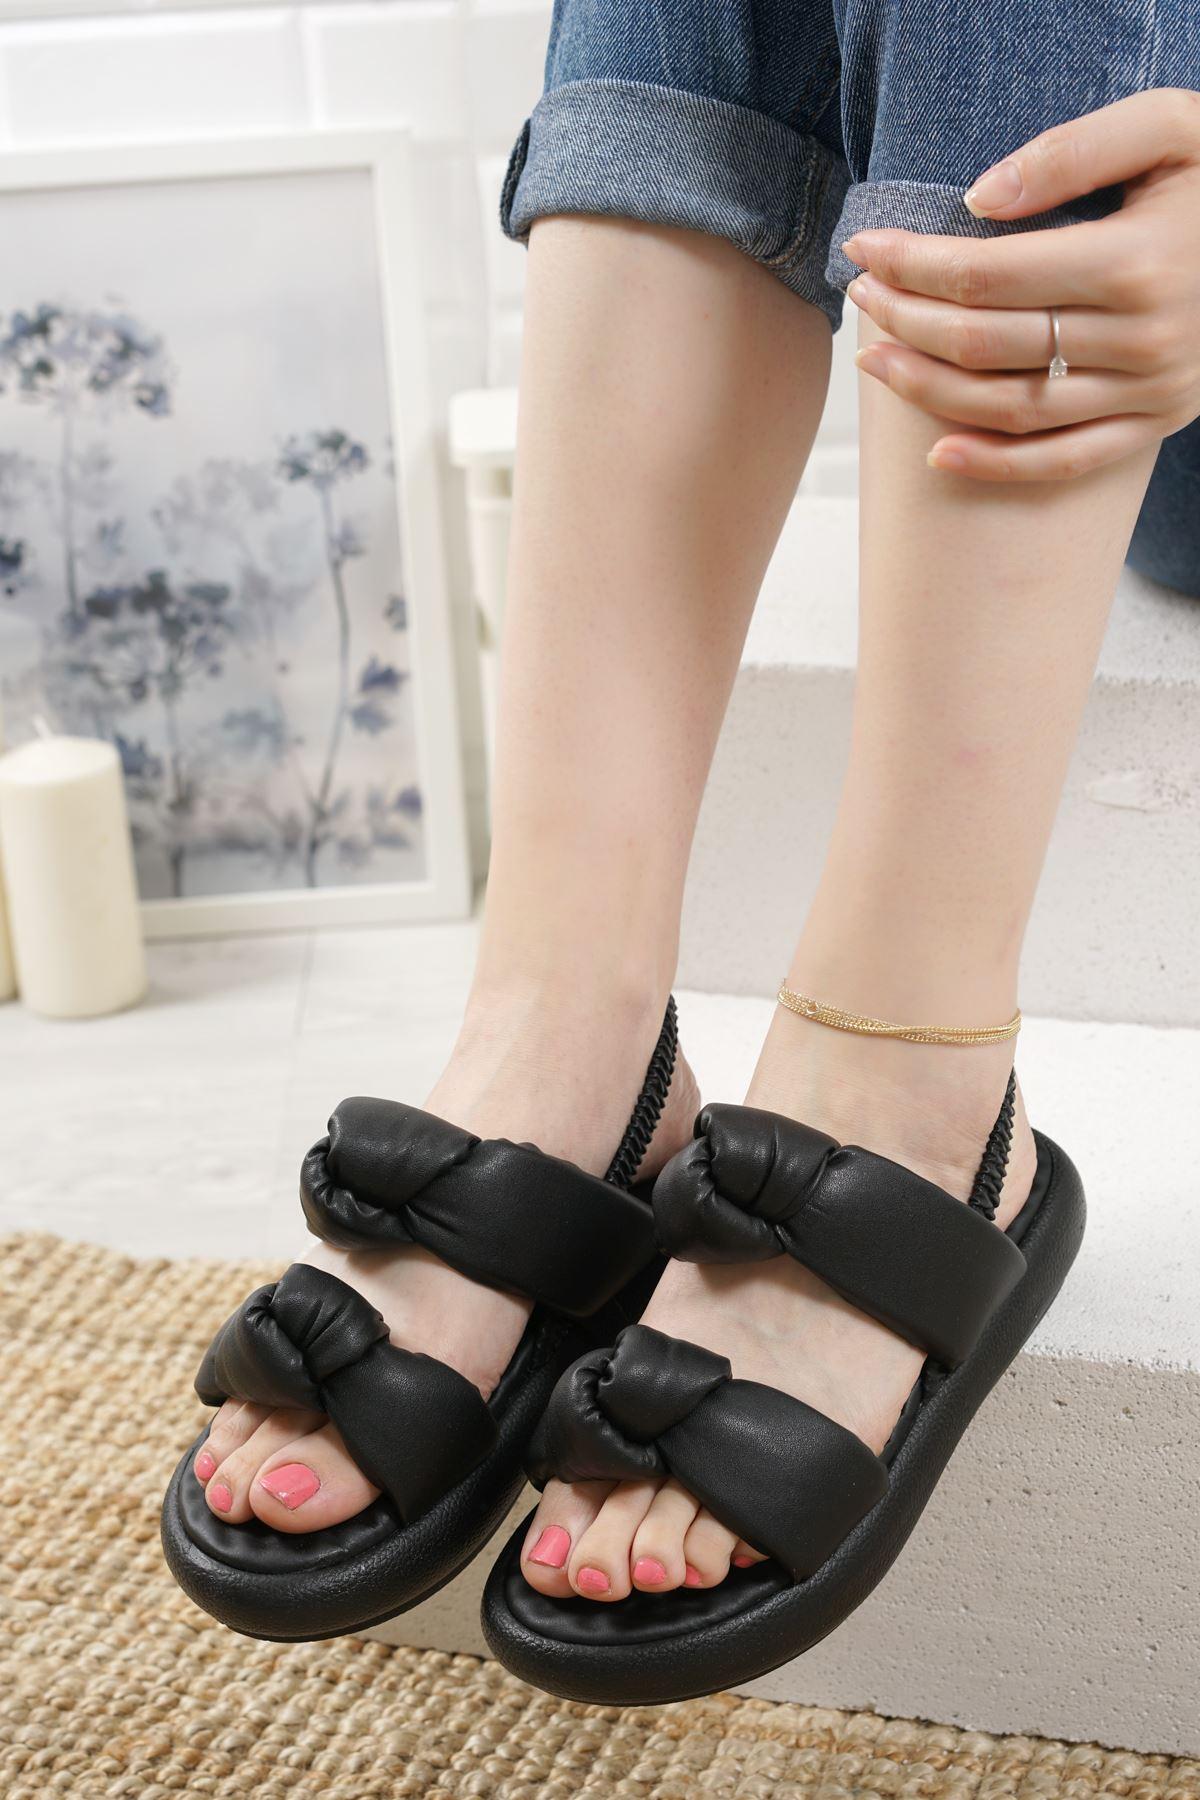 Lujina Siyah Mat Deri Kadın Sandalet